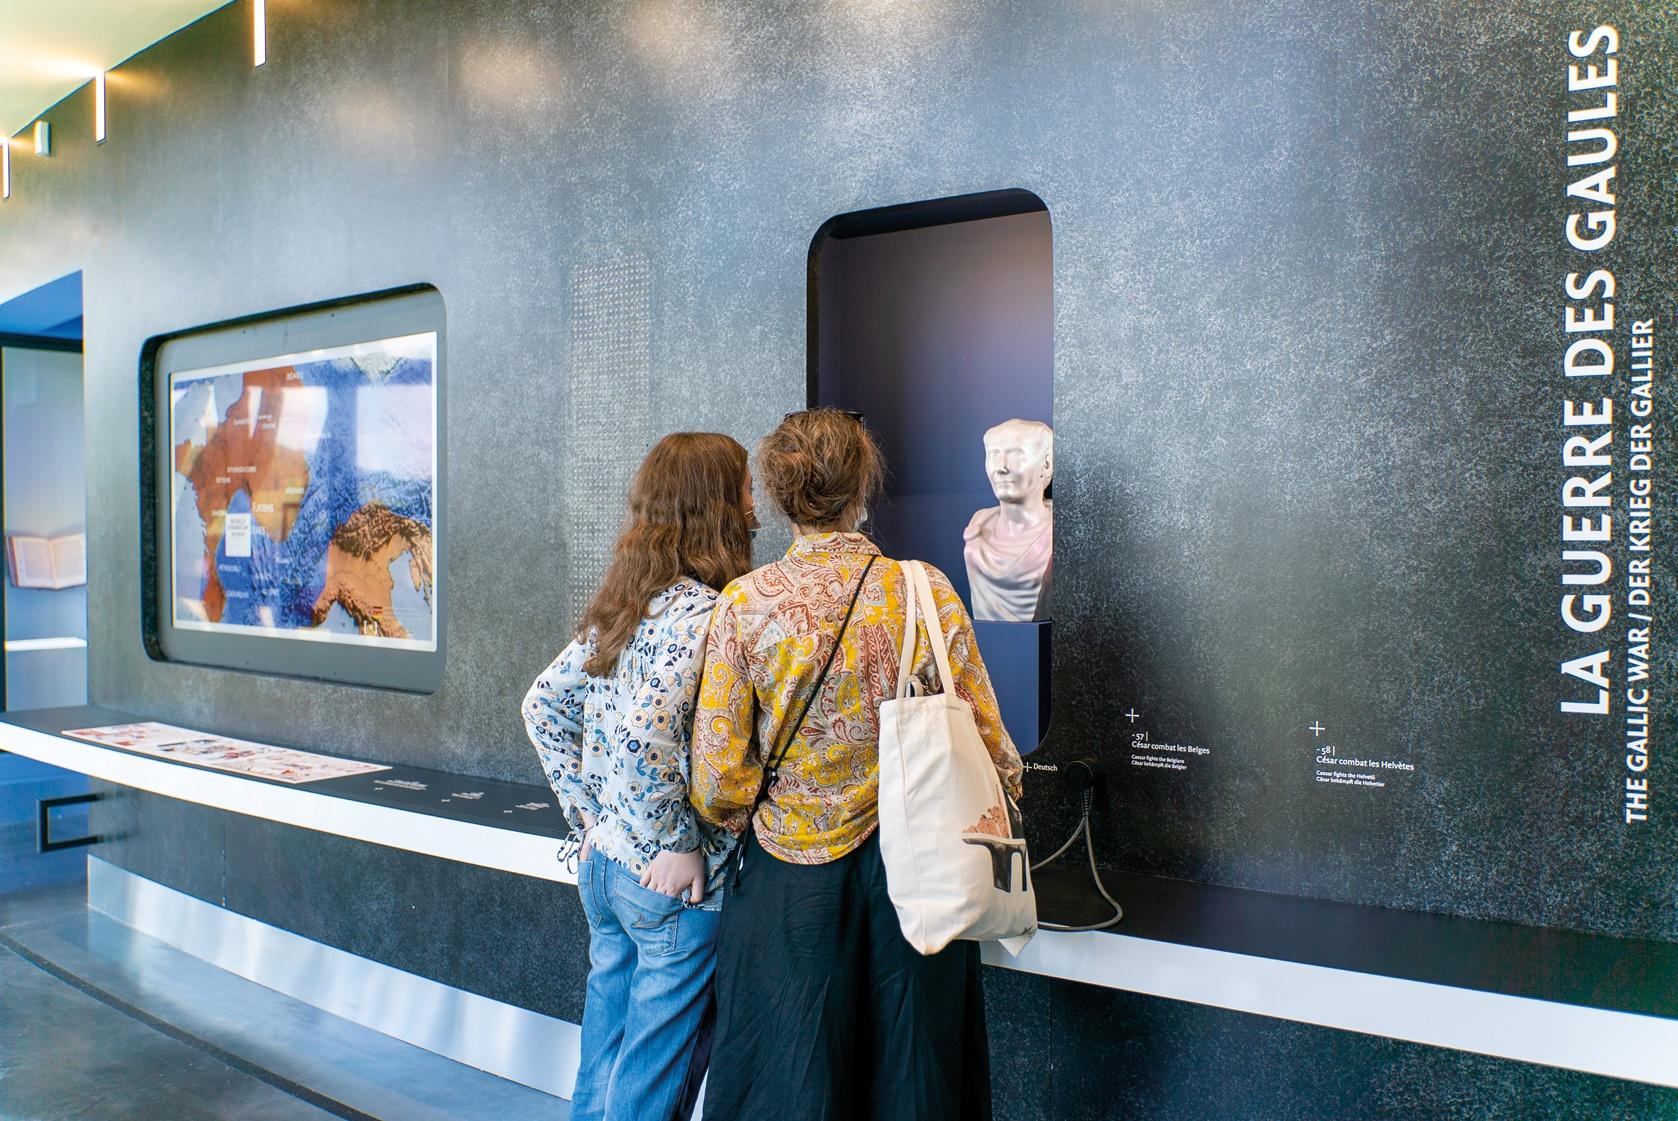 Intelligente, interactive, drôle : la nouvelle scénographie du MuséoParc fait l'unanimité